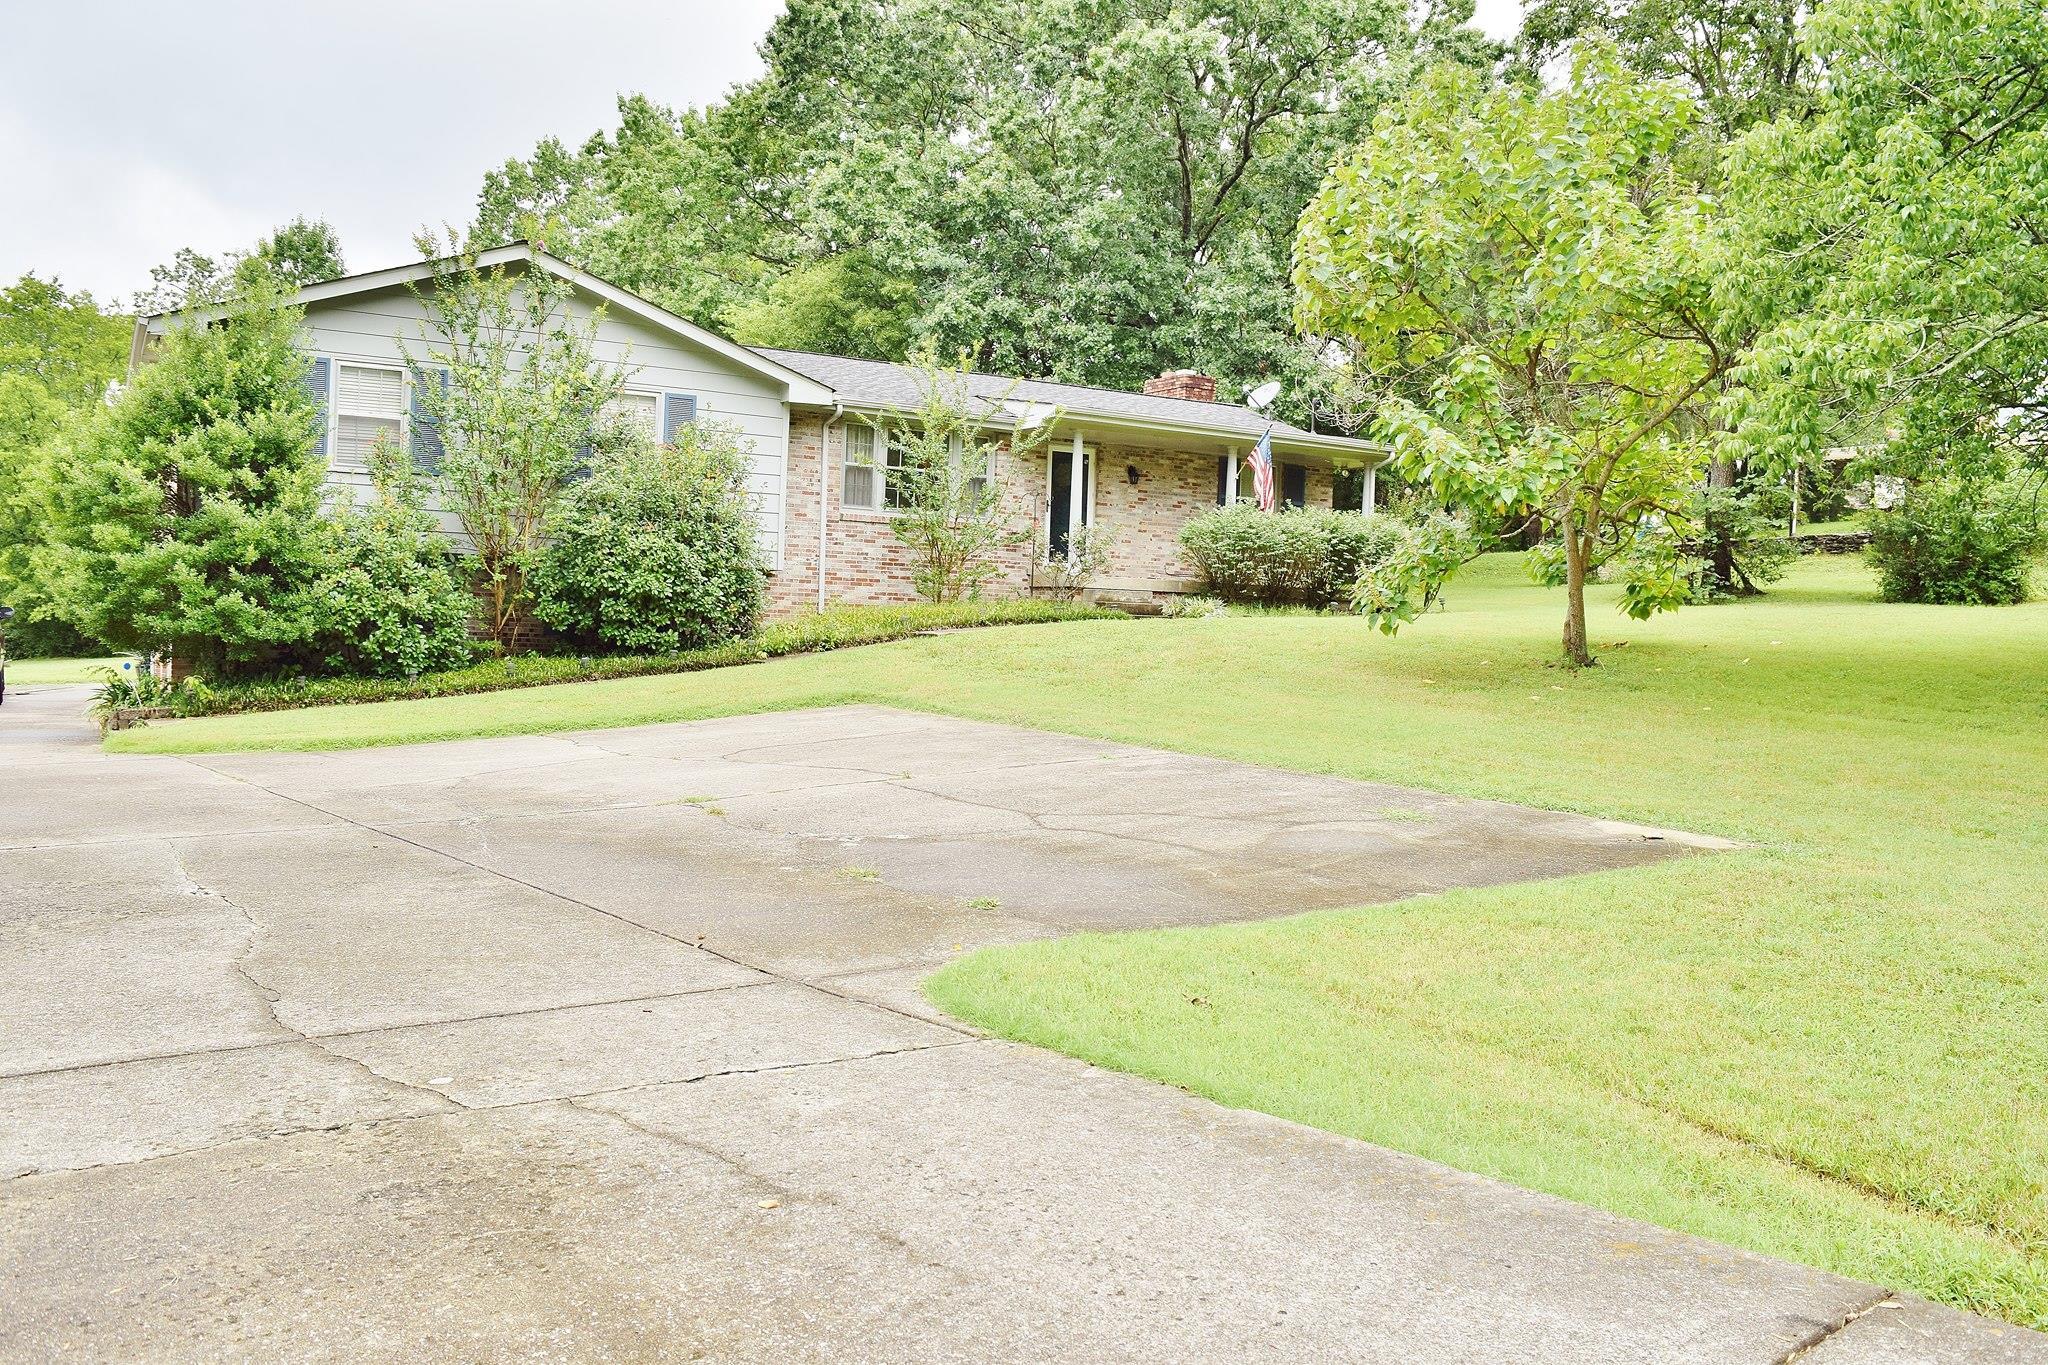 7537 Sawyer Brown Rd, Bellevue, Tennessee